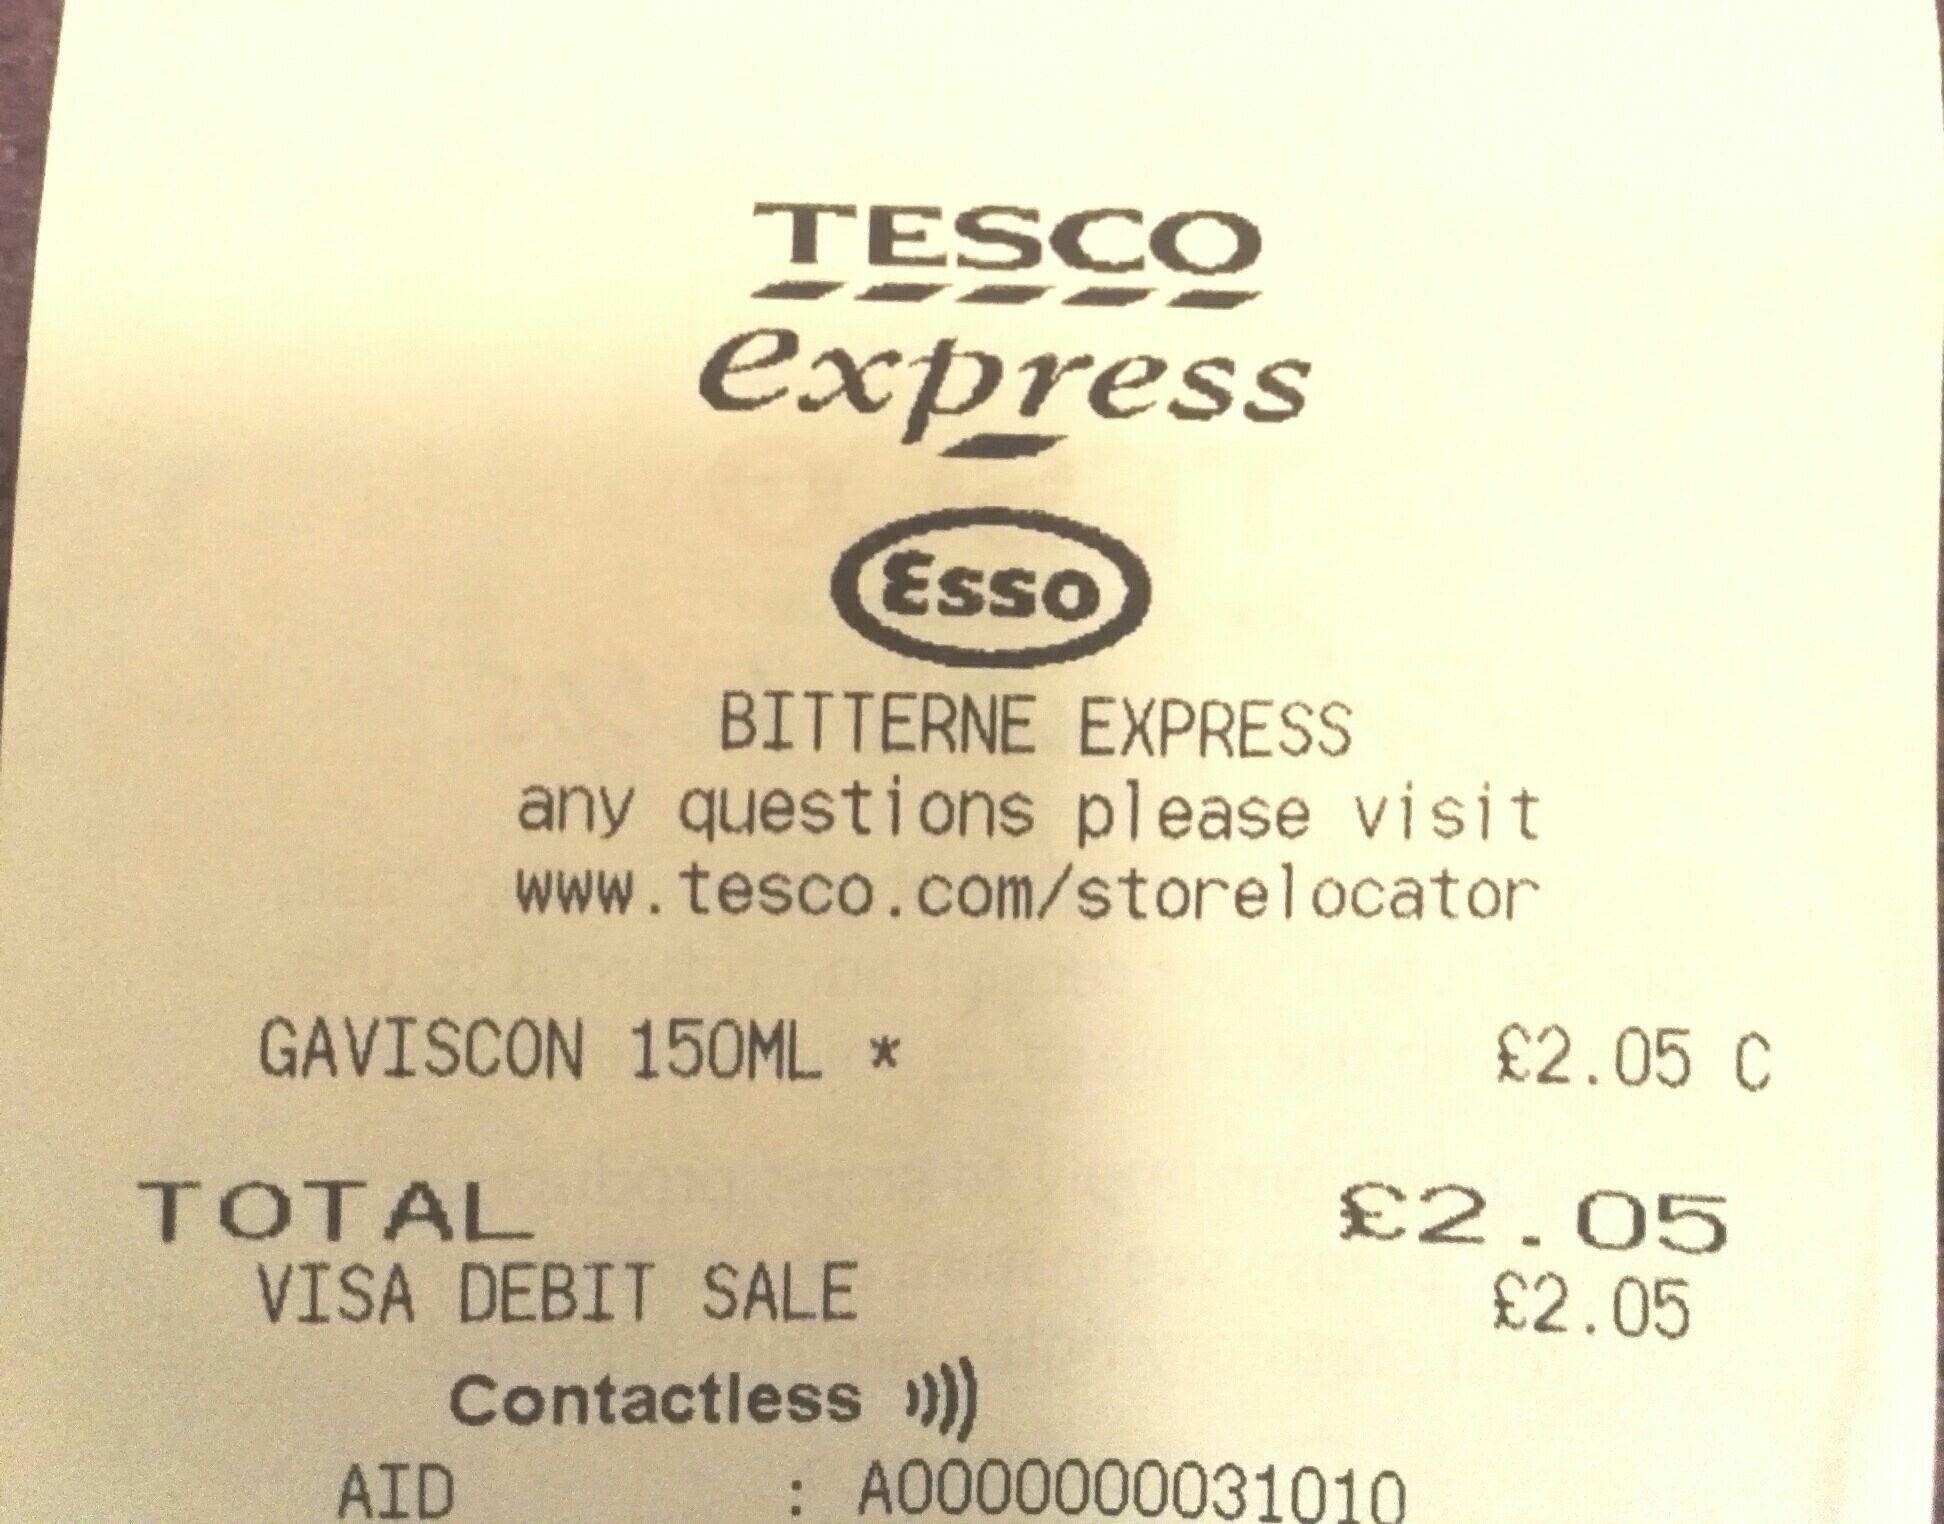 Gaviscon liquid - Tesco Southampton - £2.05